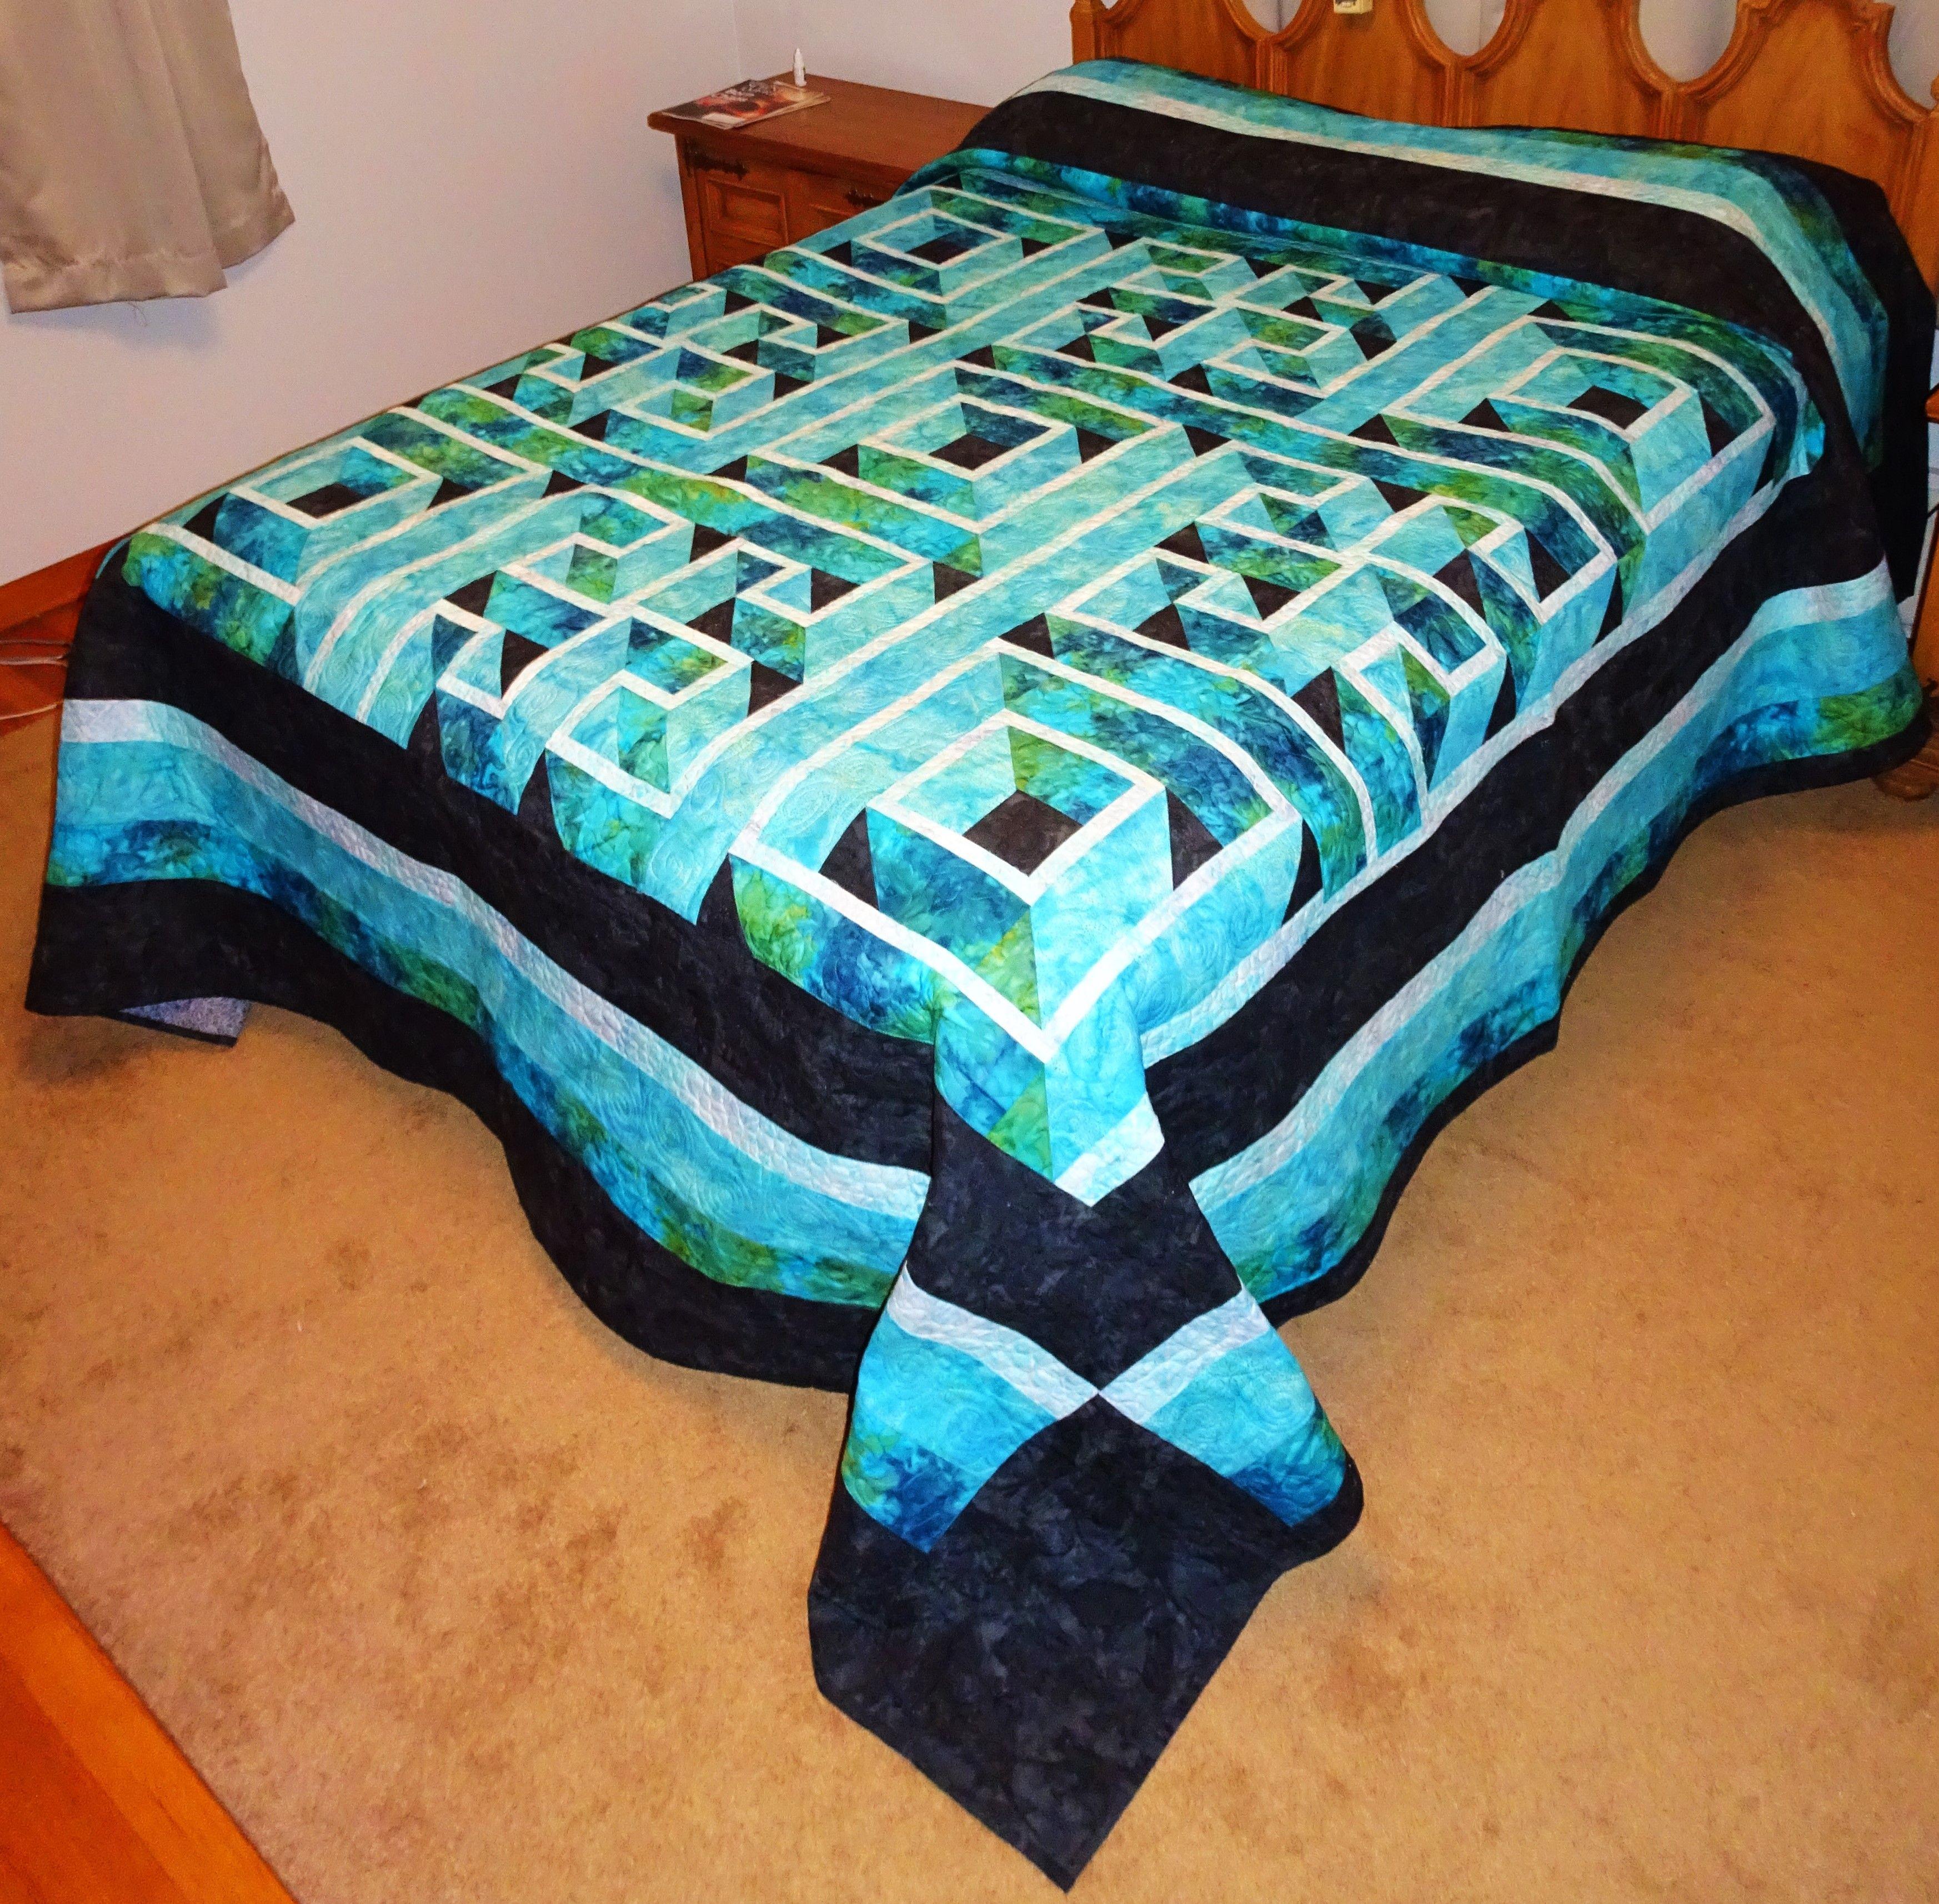 Image result for labyrinth walk quilt pattern free | Quilt Maze ... : labyrinth quilt pattern free - Adamdwight.com